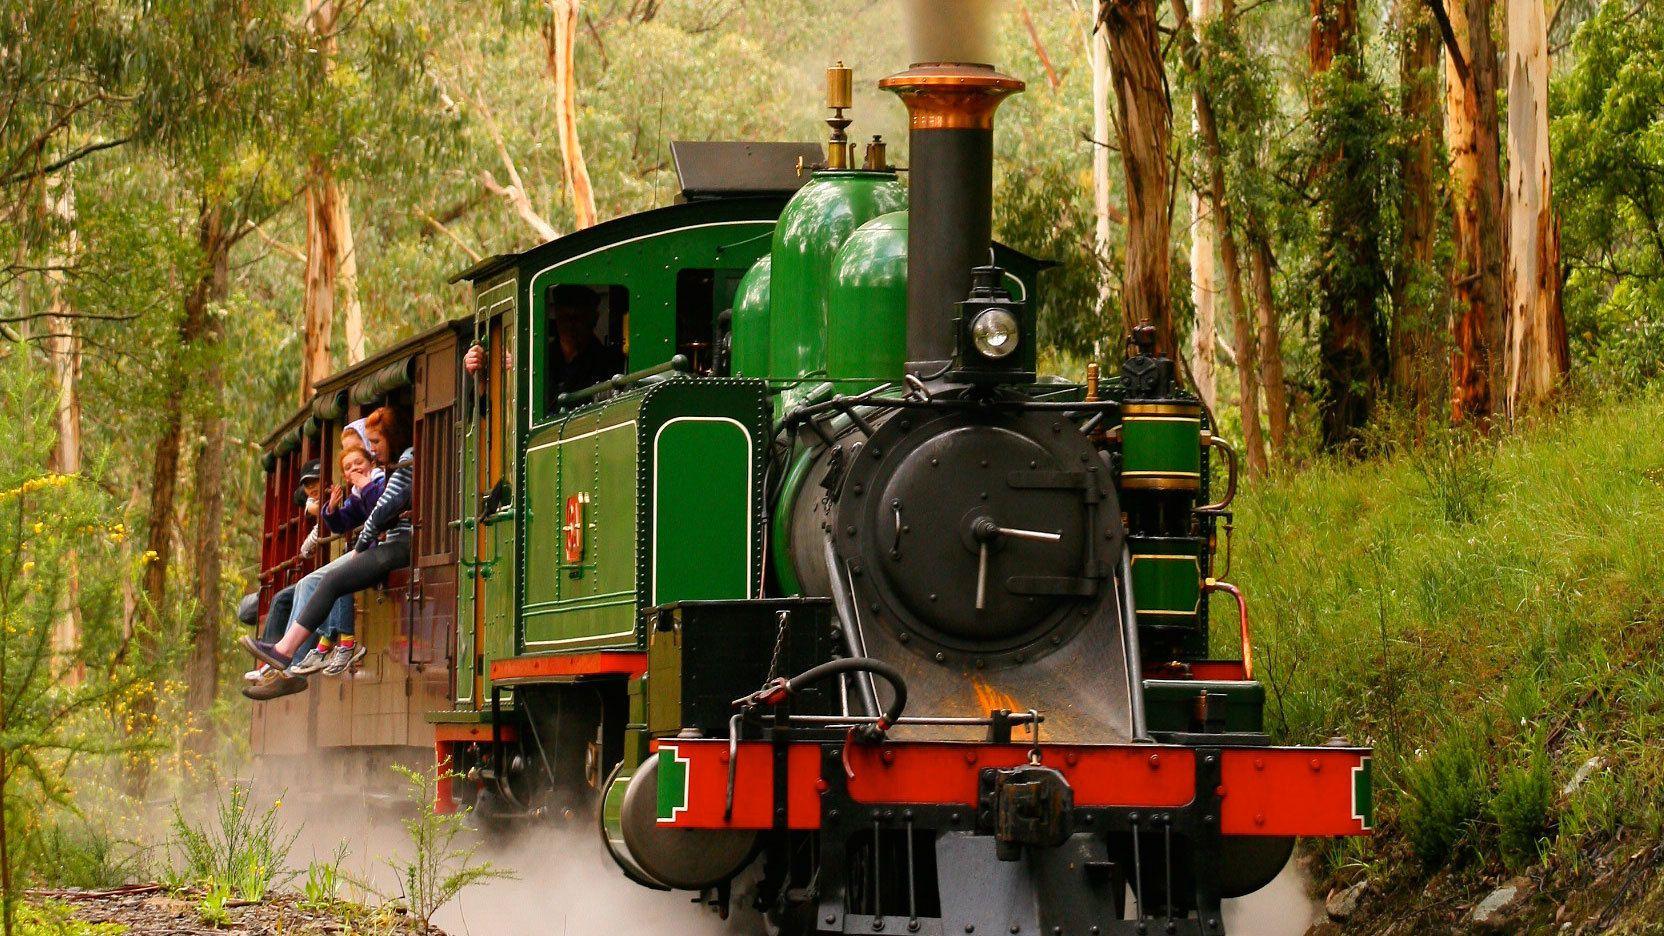 Visita en grupos pequeños a Healesville Wildlife Sanctuary con locomotora d...